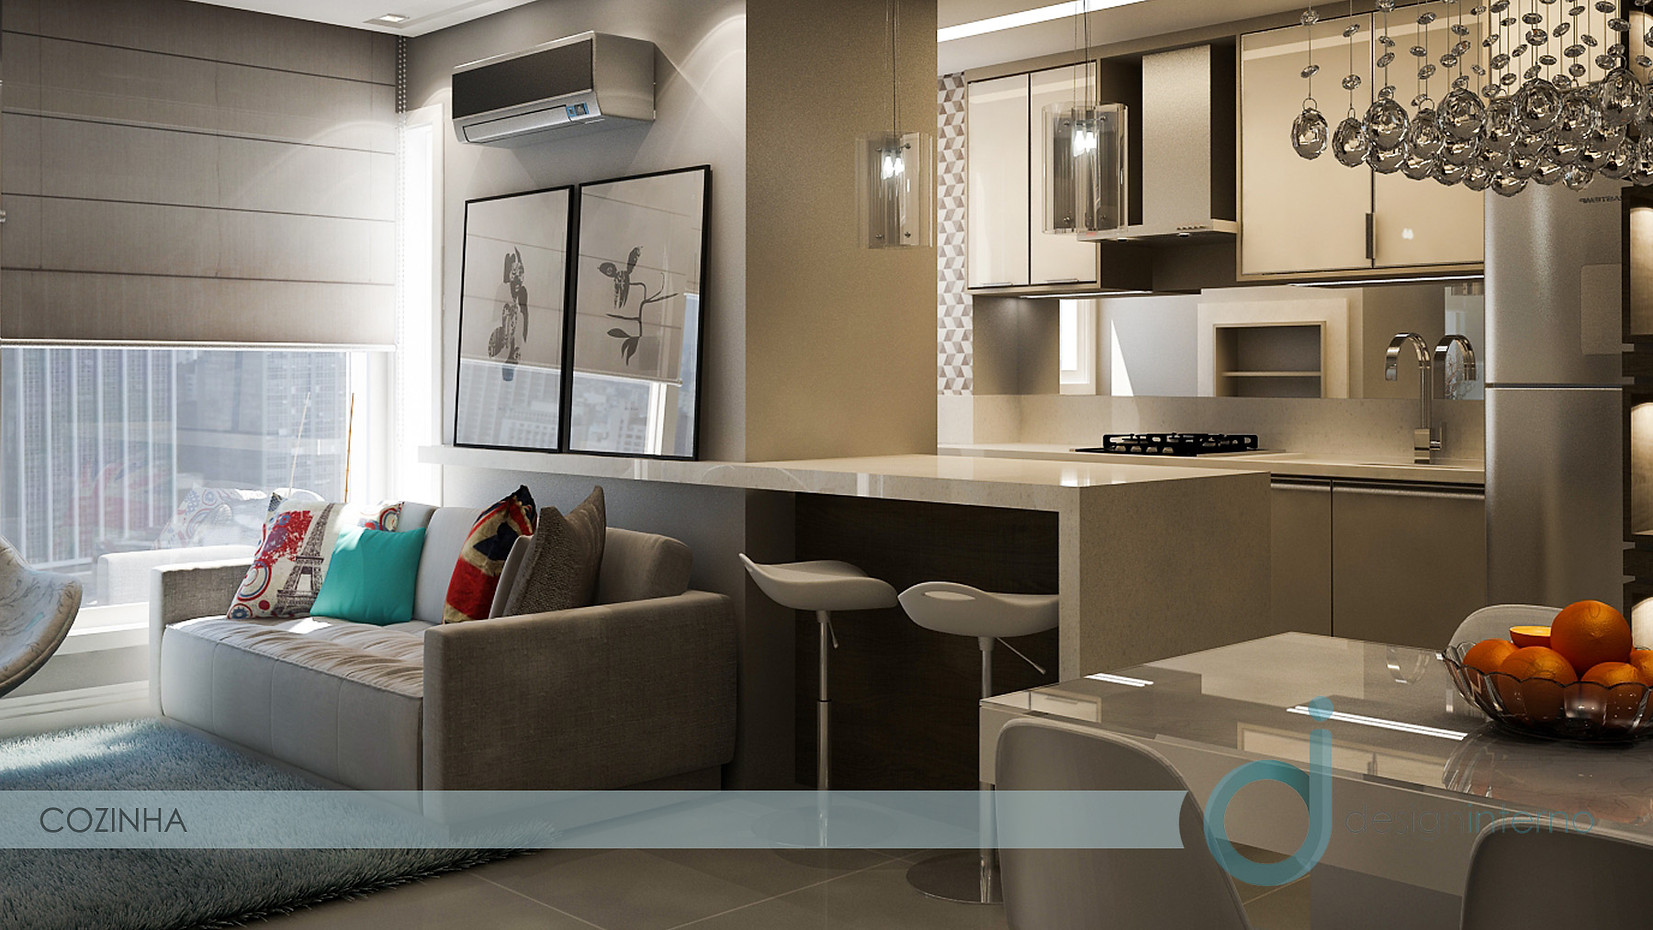 Cozinha_sob_medida_Designinterno_07.jpg